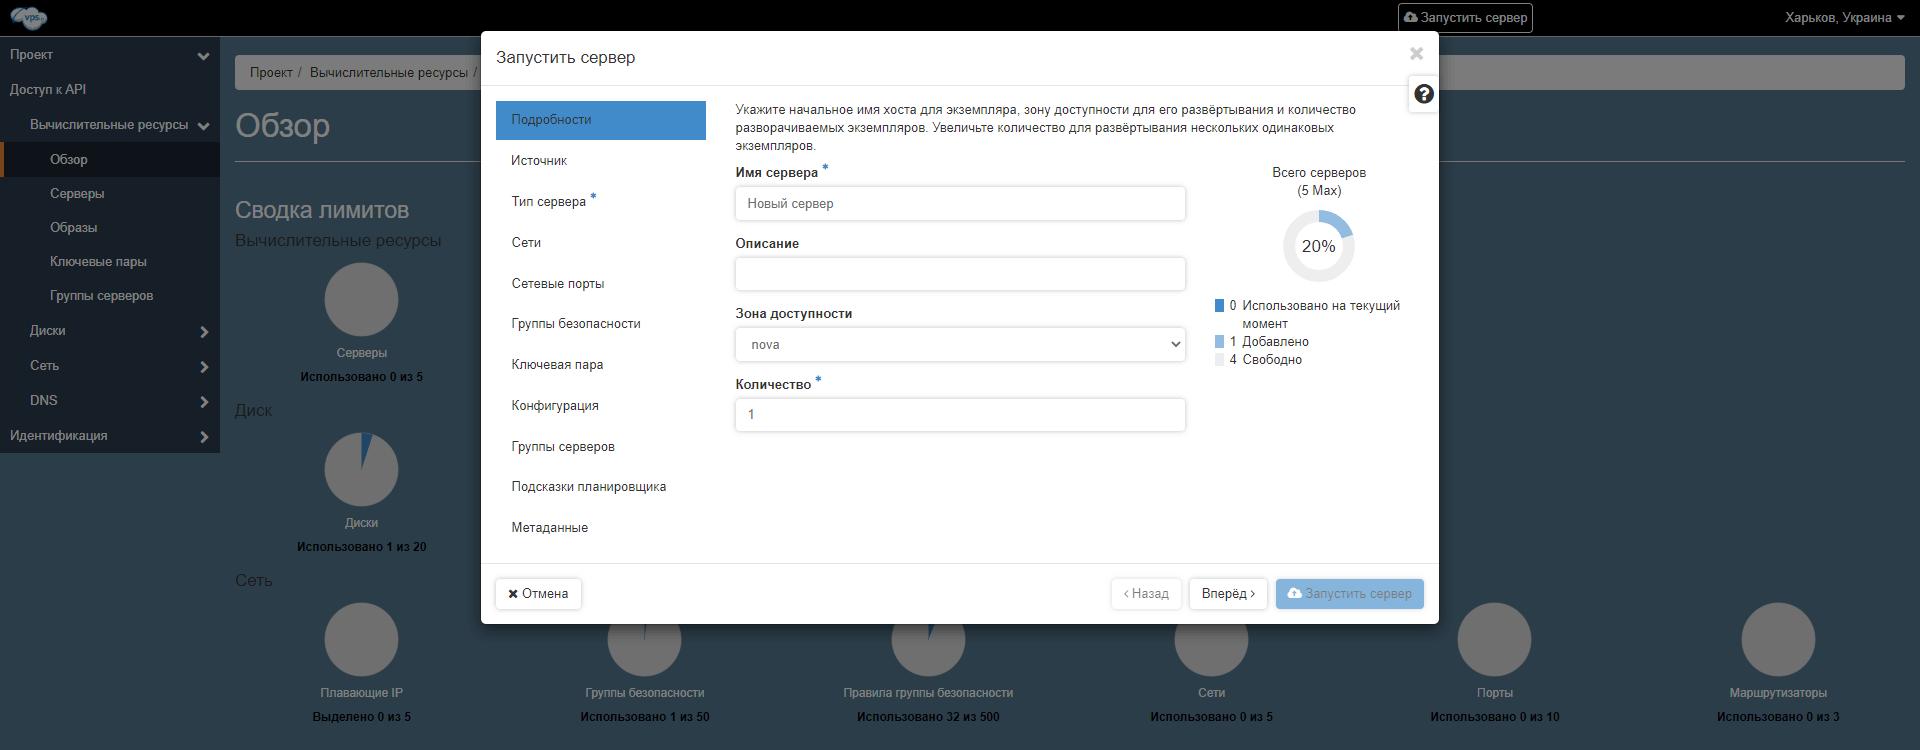 Мастер по созданию нового сервера: вкладка «Подробности»